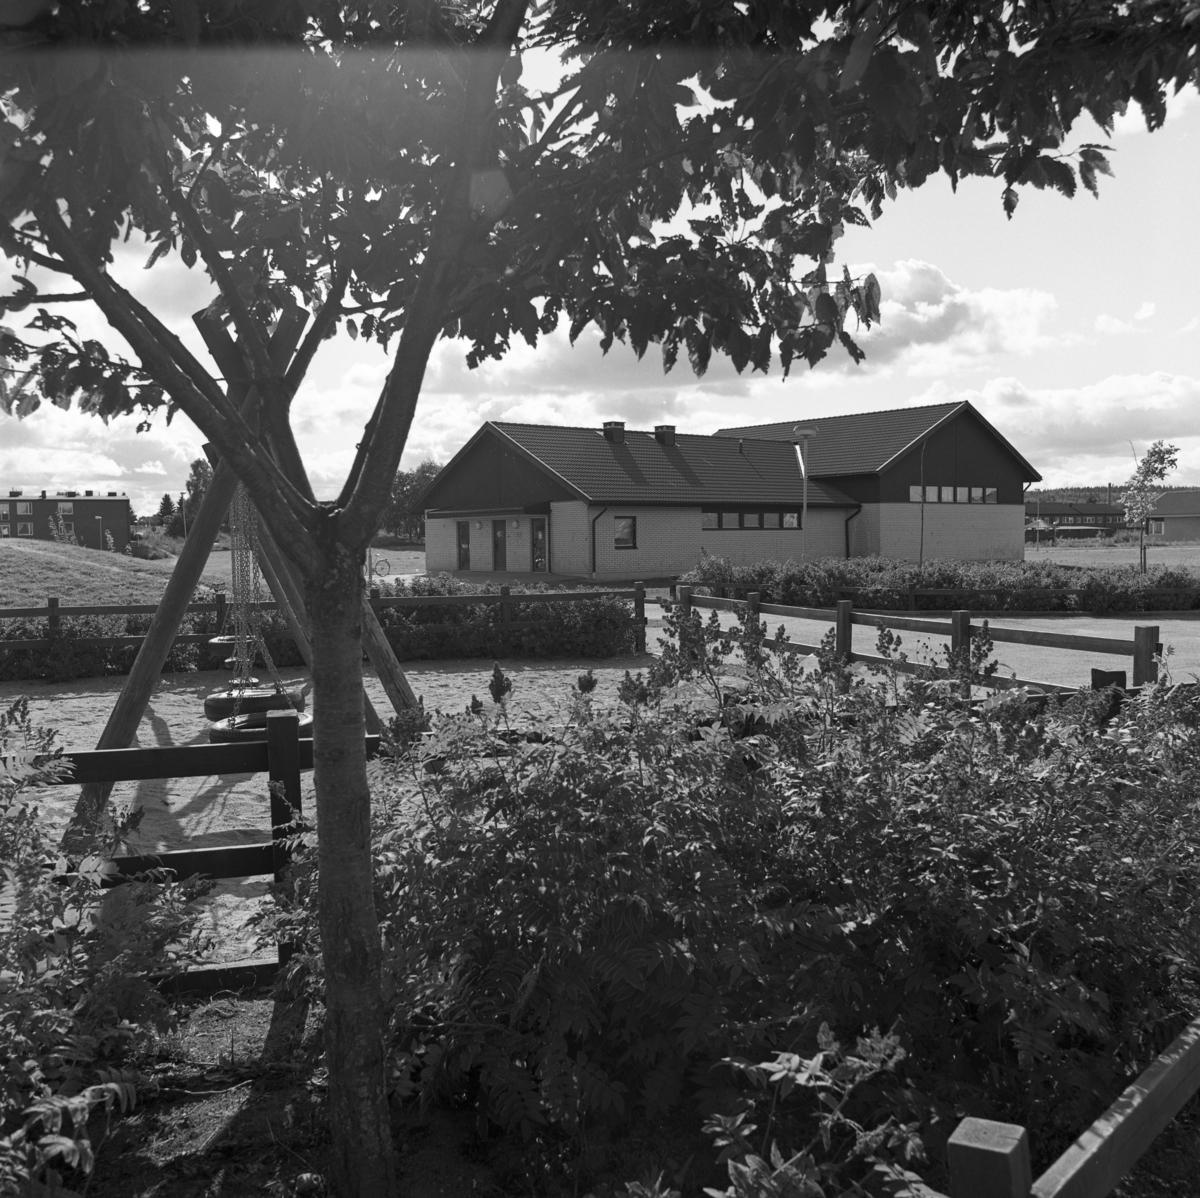 Ladubacksskolans gymnastiksal och gungor på skolgården. I bakgrunden ses flerfamiljshusen i kvarteret Sippan. Skolan byggdes 1982. Magnus Ledel, byggkonsult.